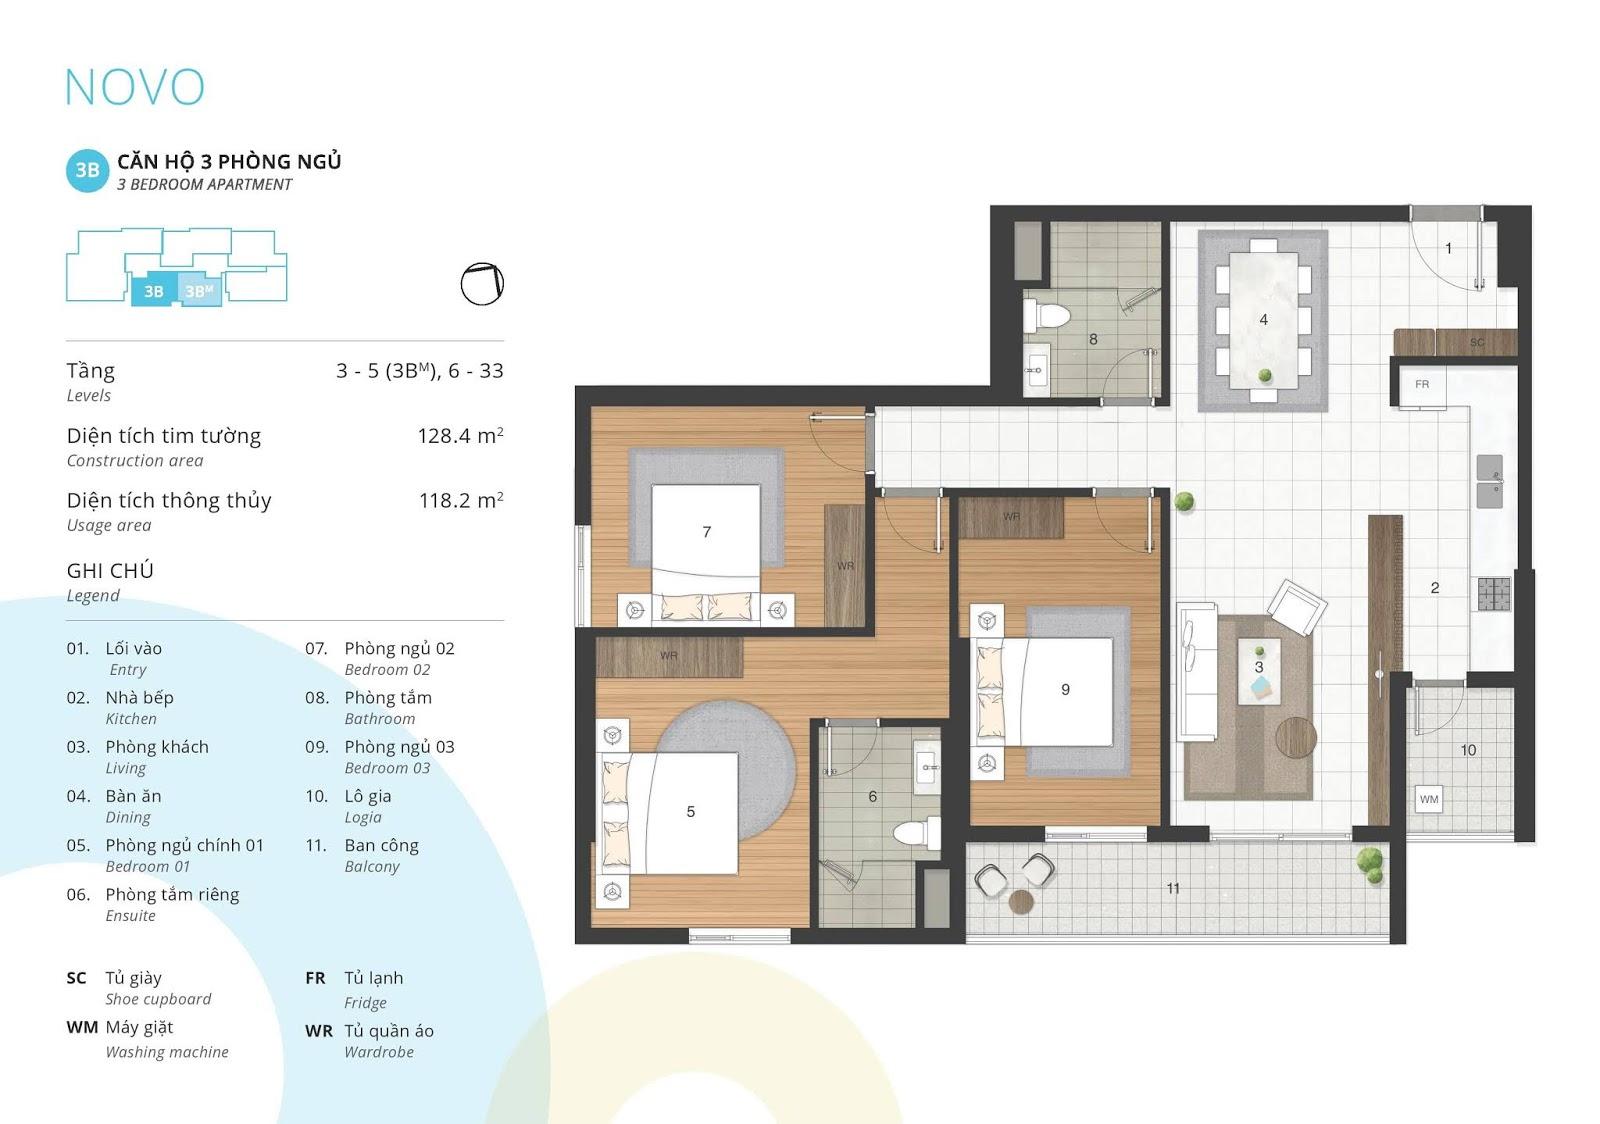 Mặt bằng căn hộ 3 phòng ngủ 118 m2 thông thủy tòa NOVO dự án Kosmo